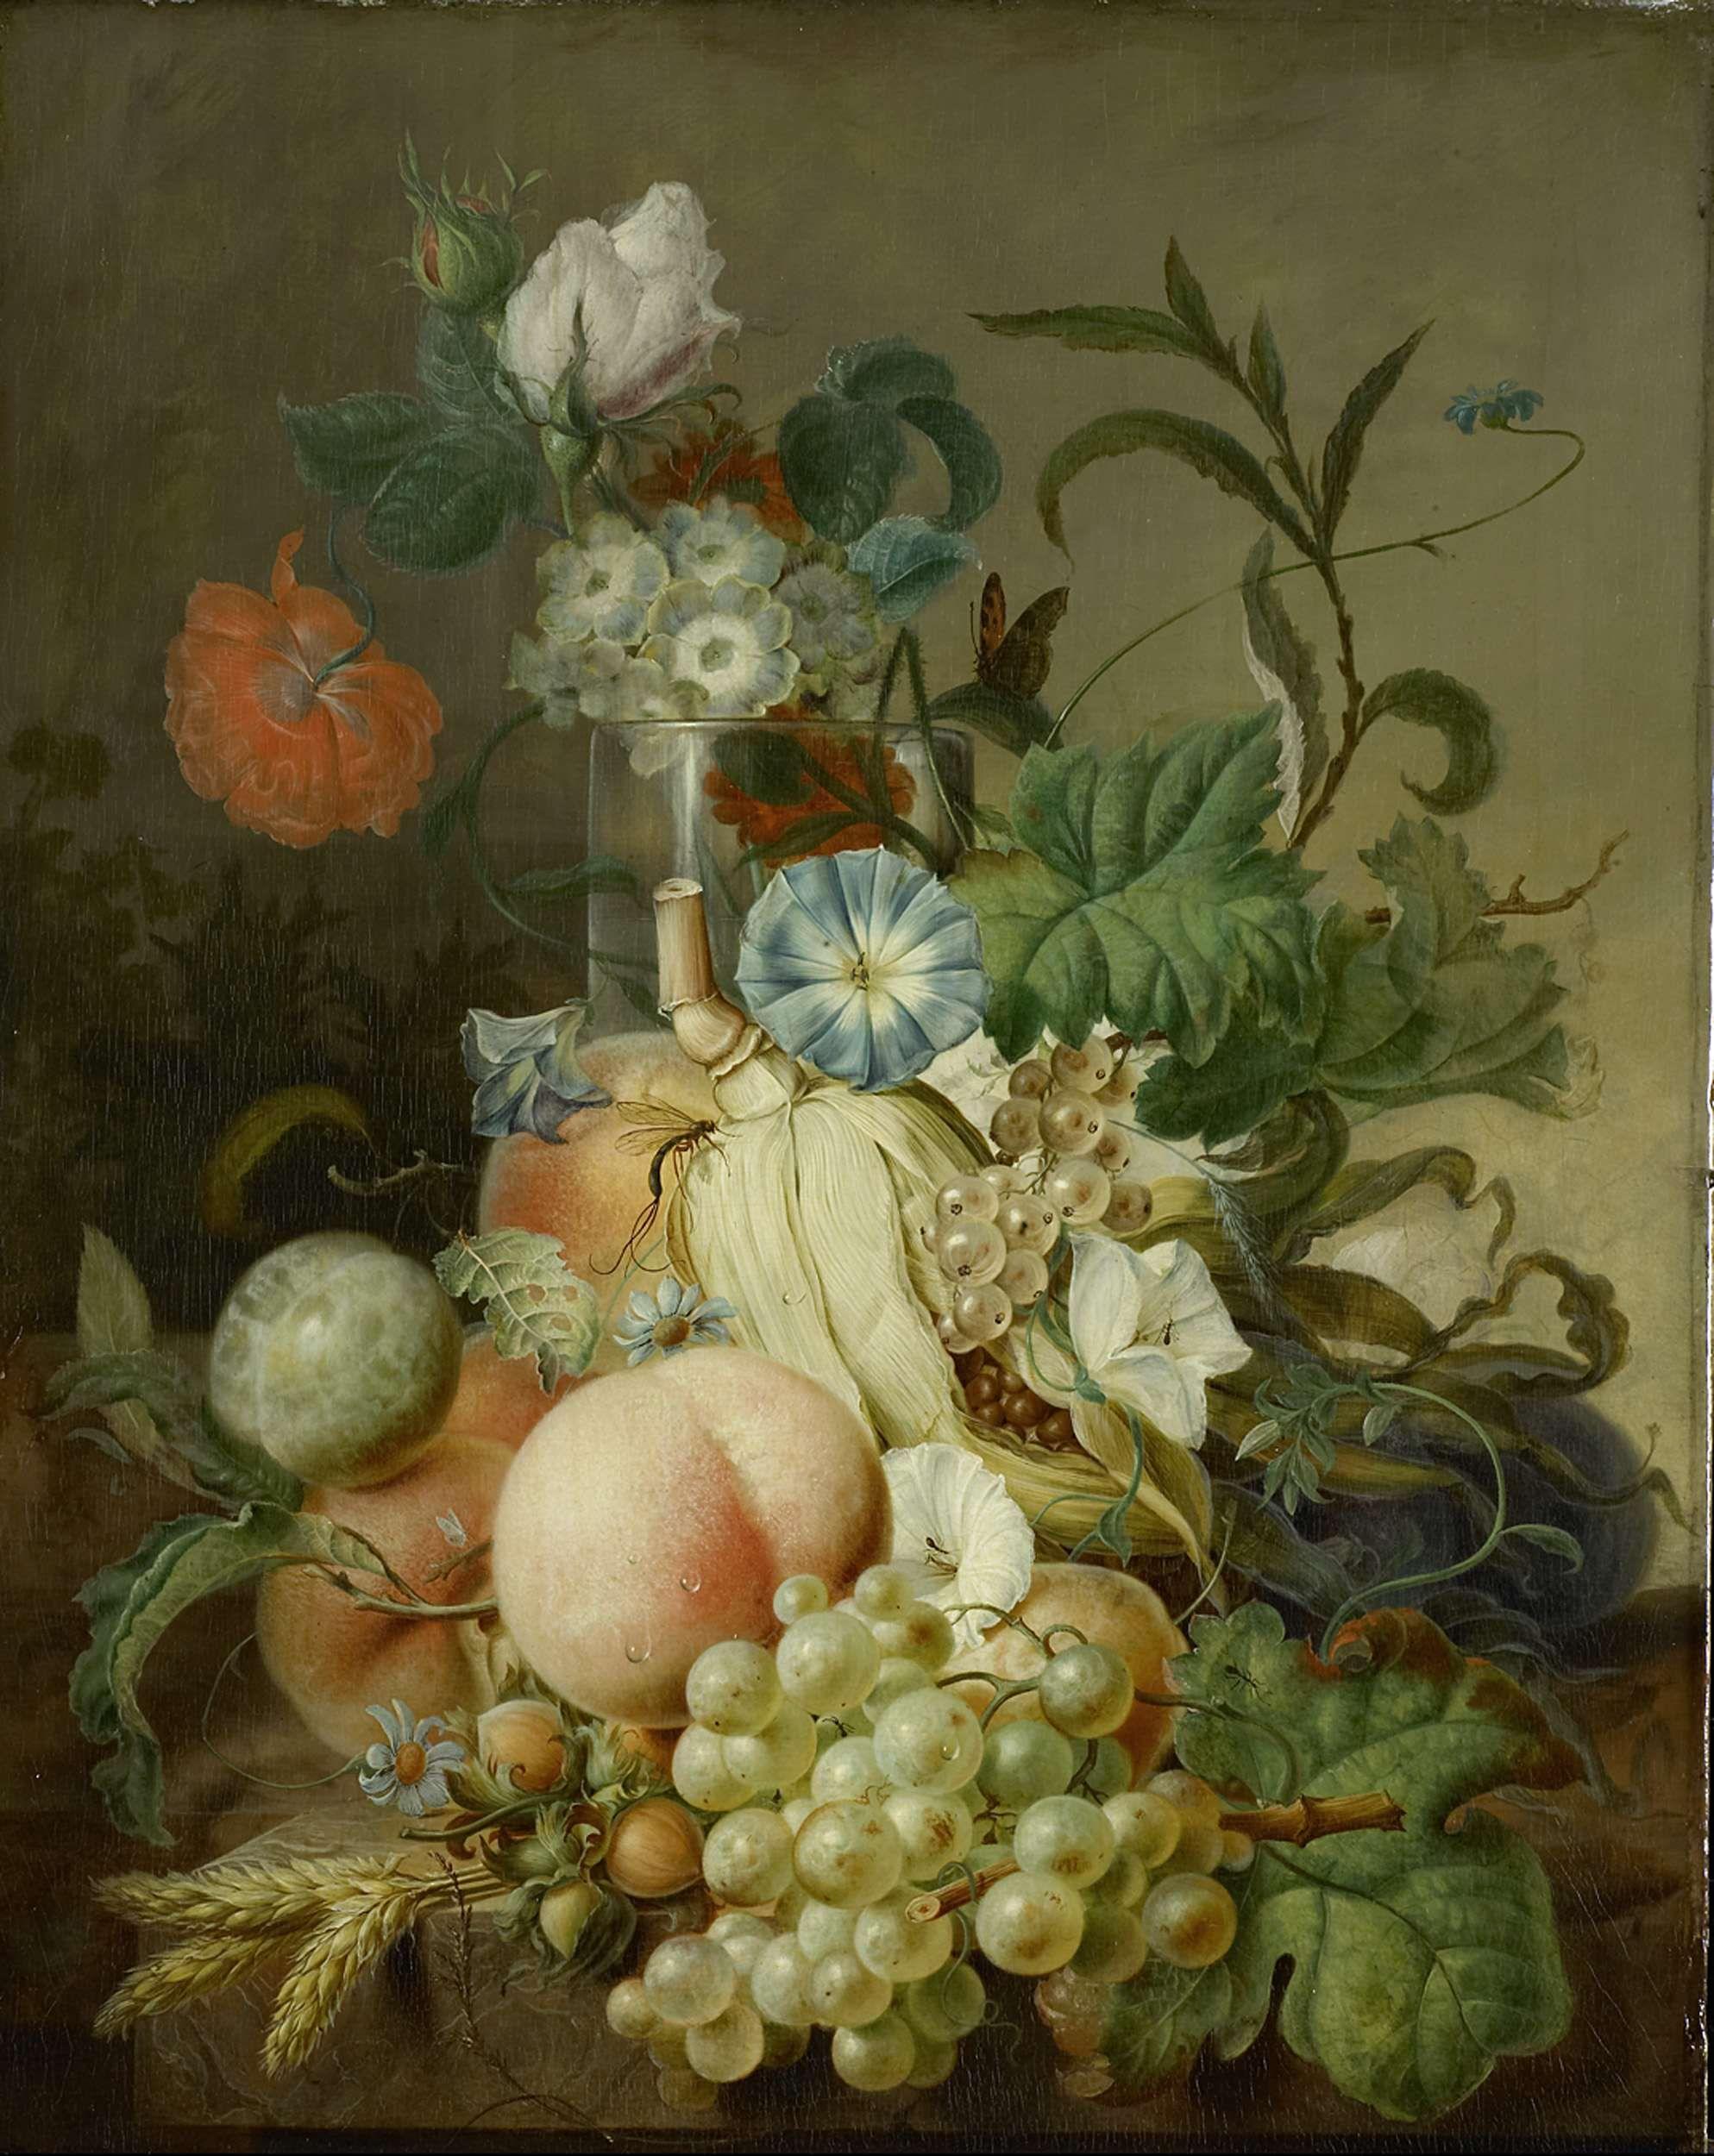 Stilleven met bloemen en fruit, Jan Evert Morel (I), 1800 - 1808 ...